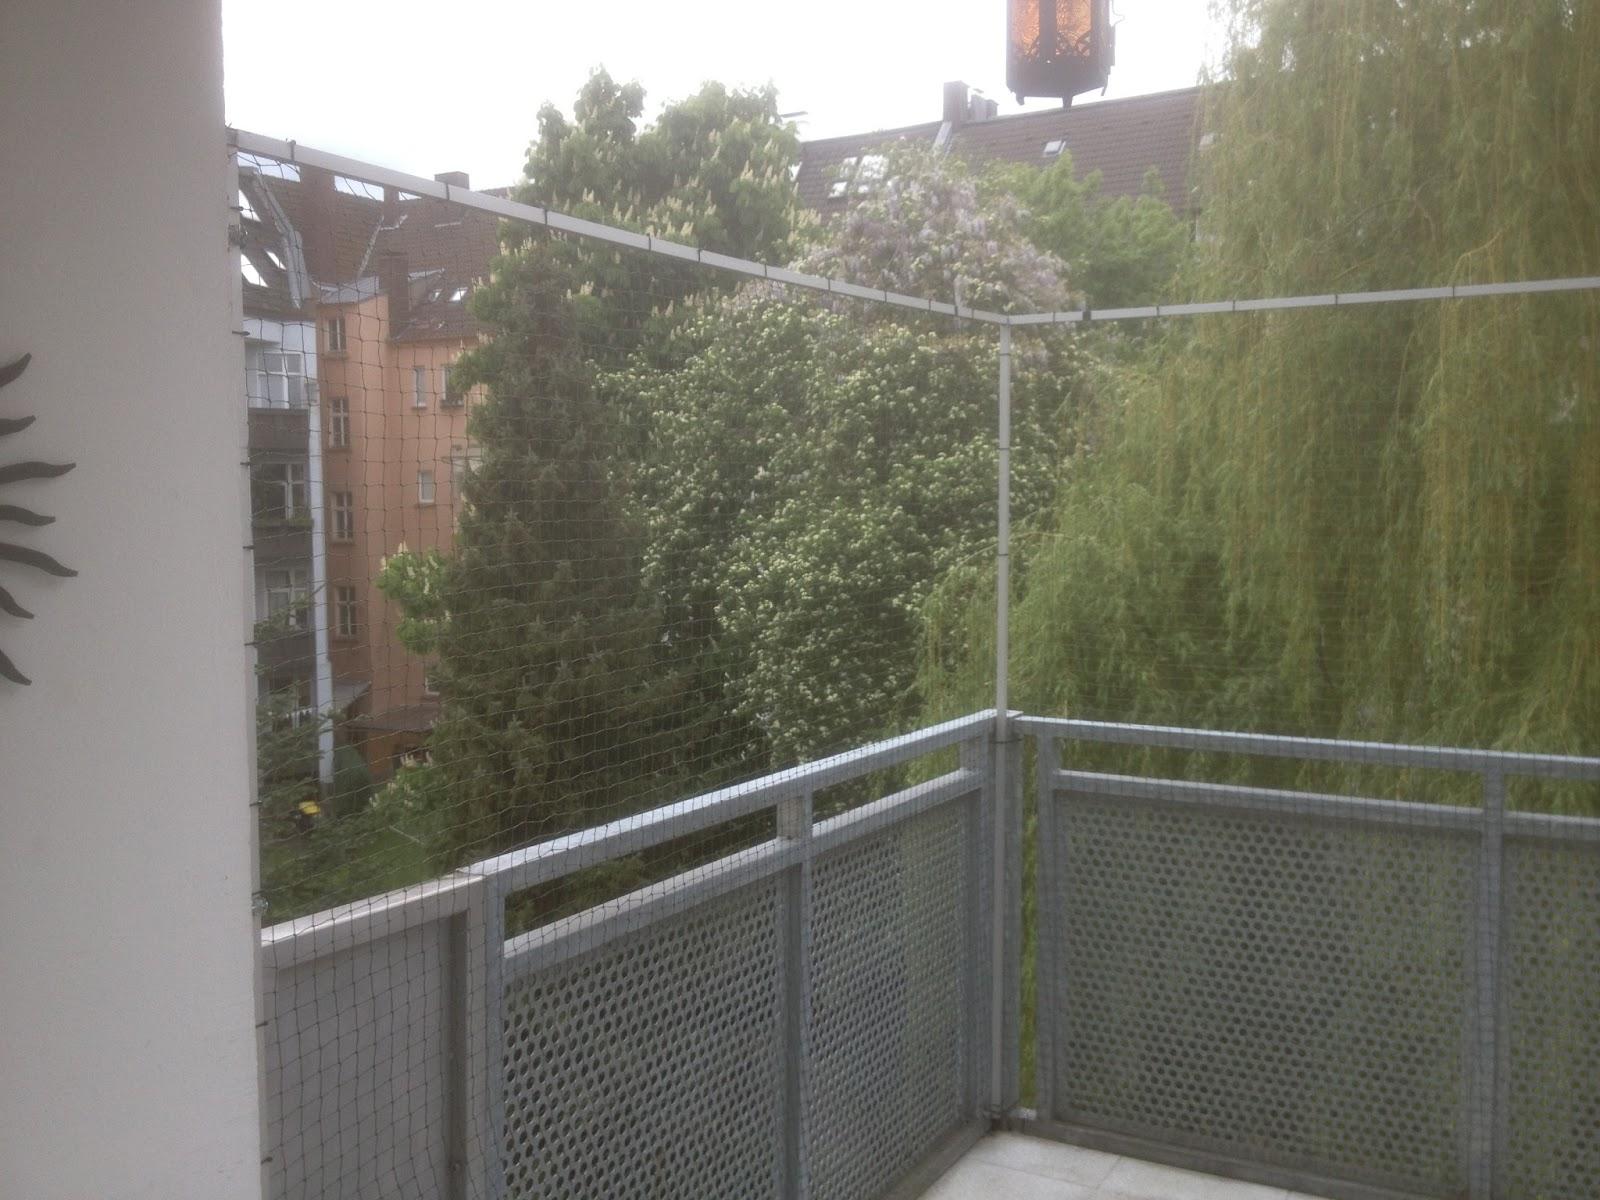 Katzennetz Nrw Die Adresse Fur Ein Katzennetz Katzennetz Fur Balkon